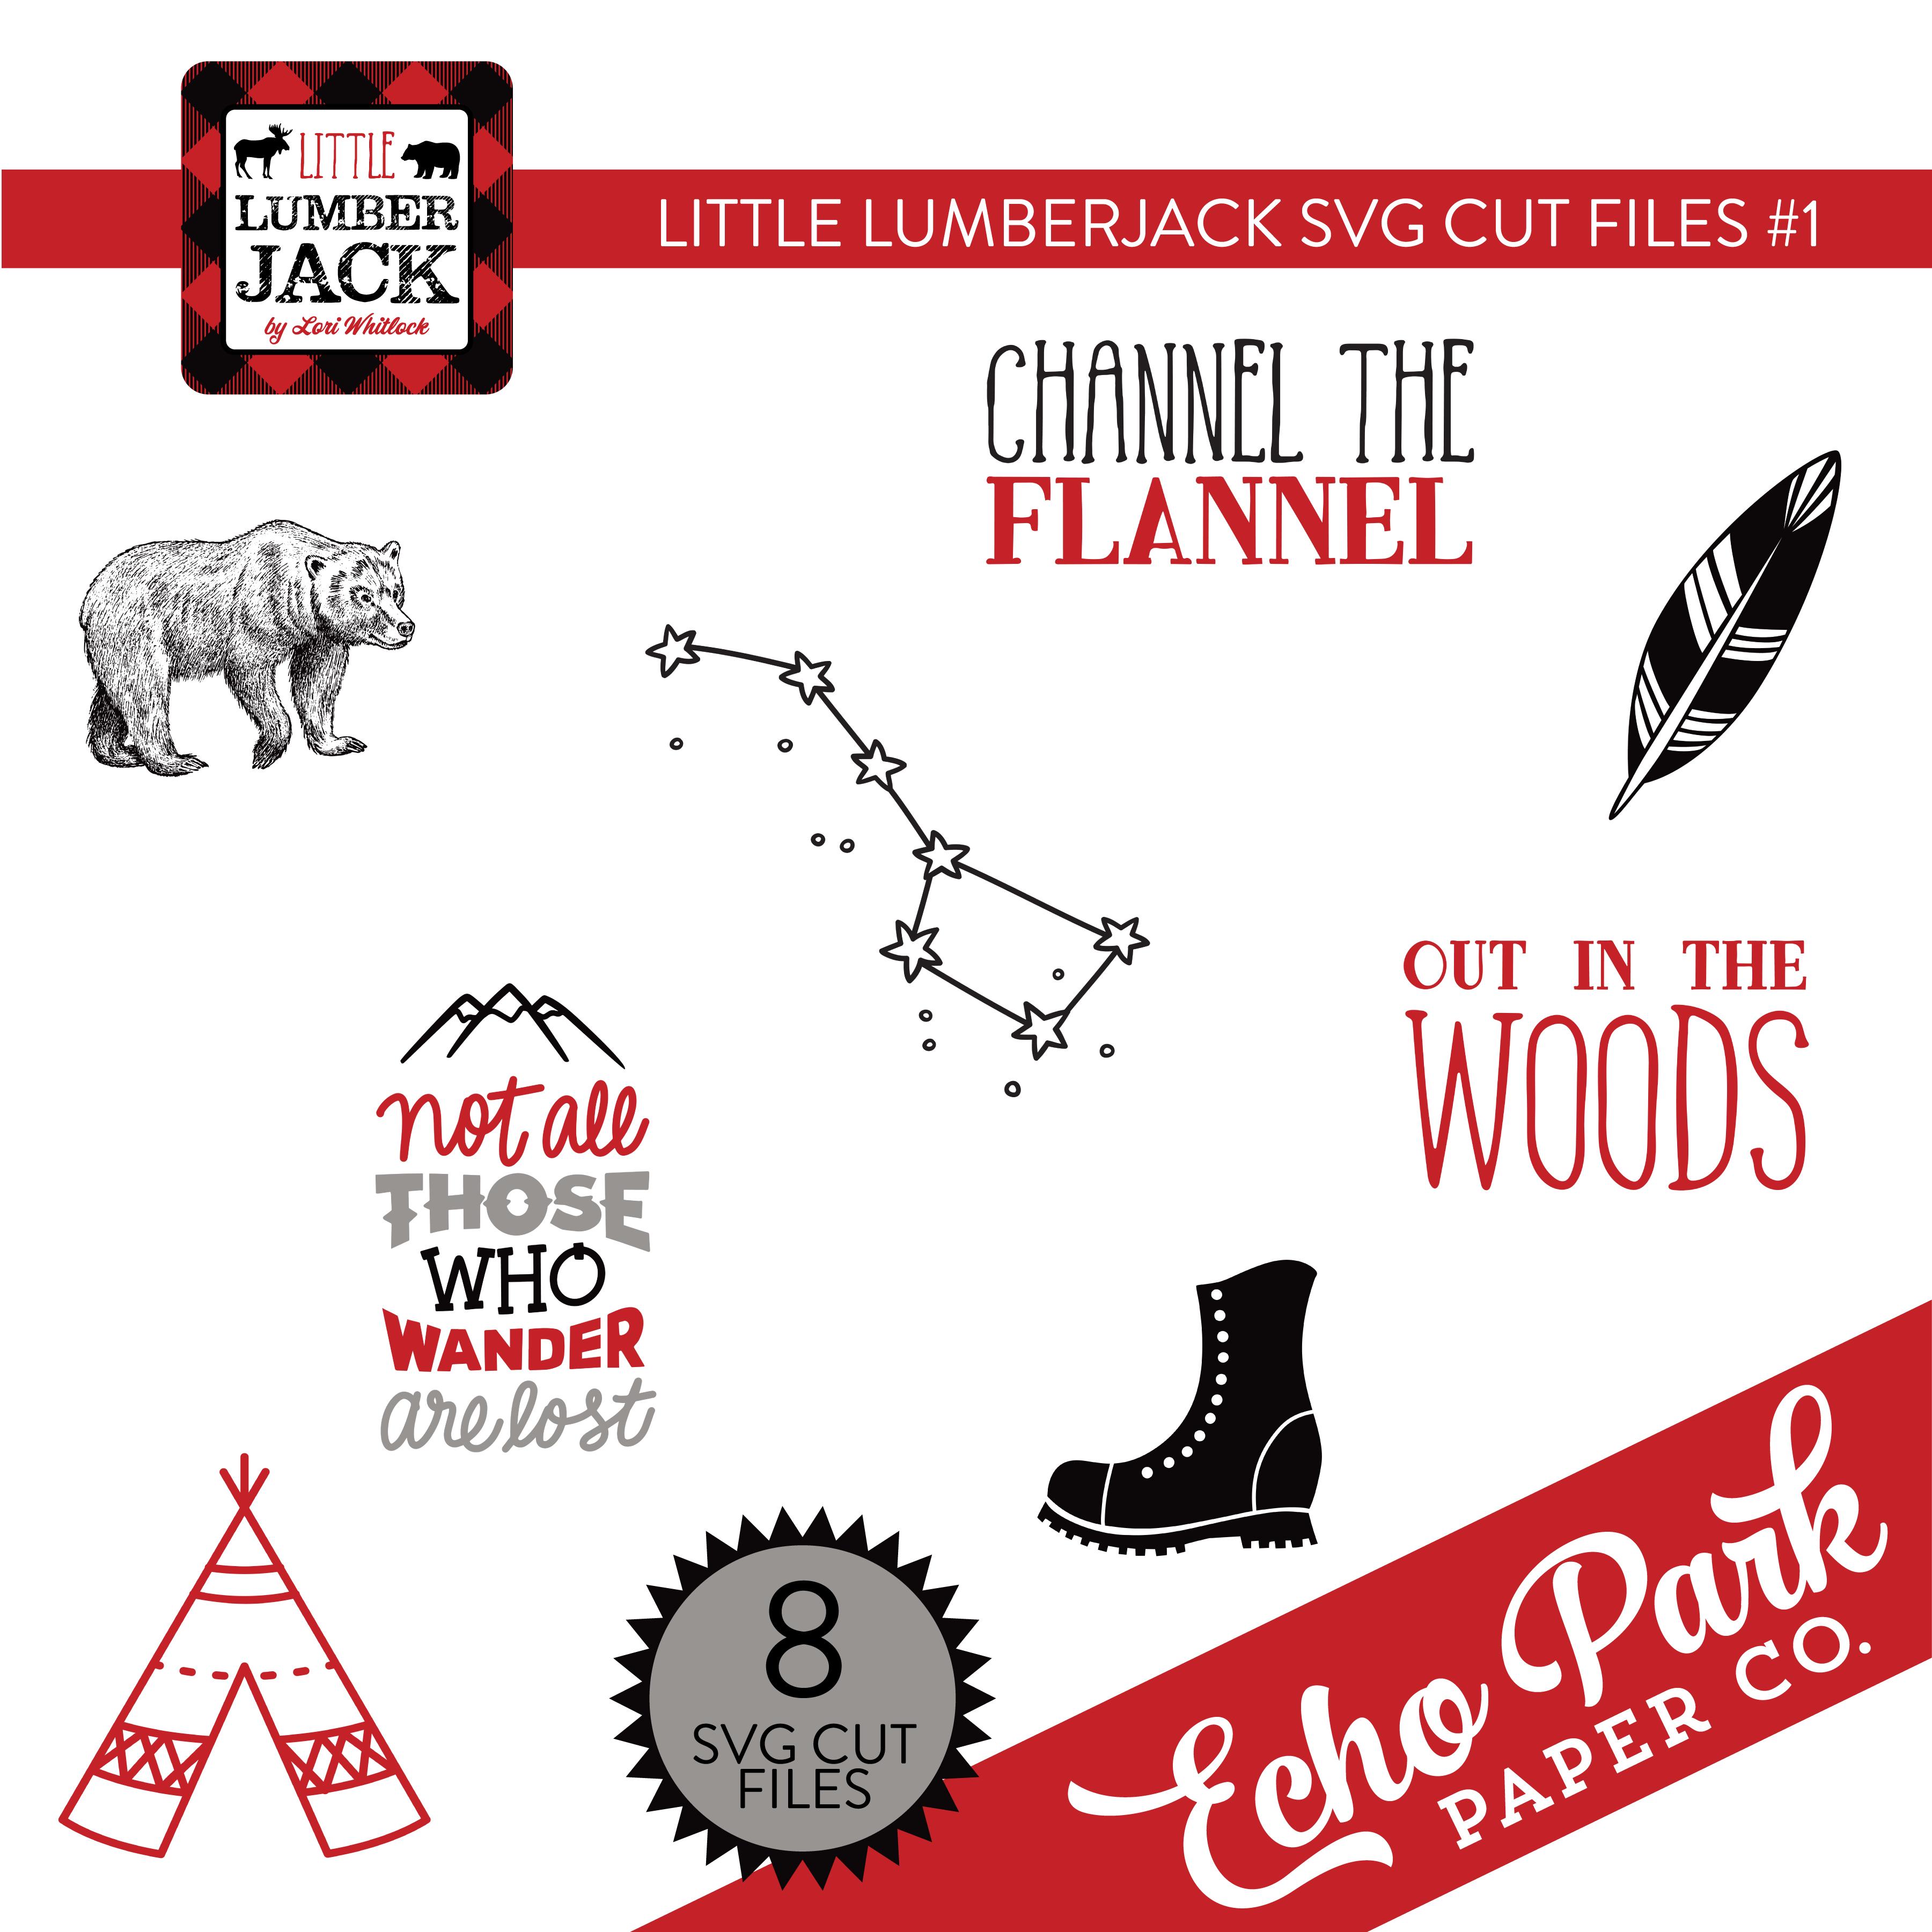 Little Lumberjack SVG Cut File #1